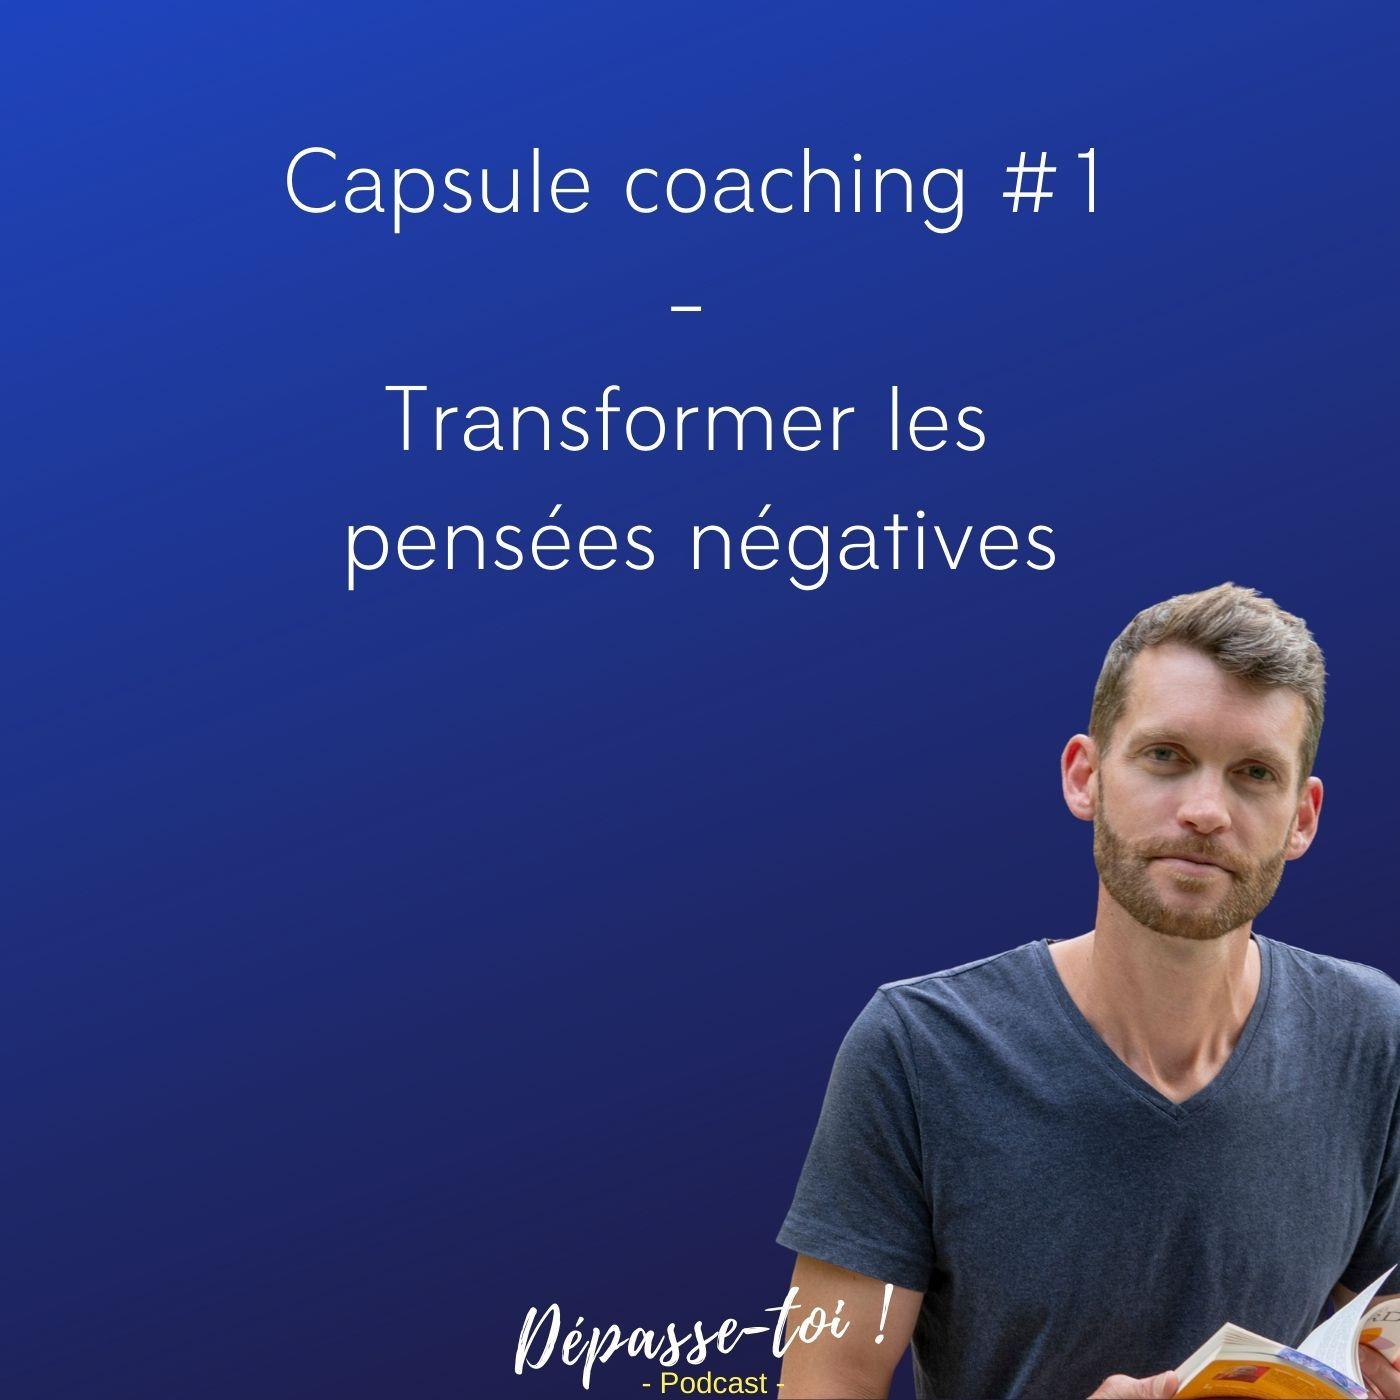 [Coaching #1] Transformer les pensées négatives récurrentes